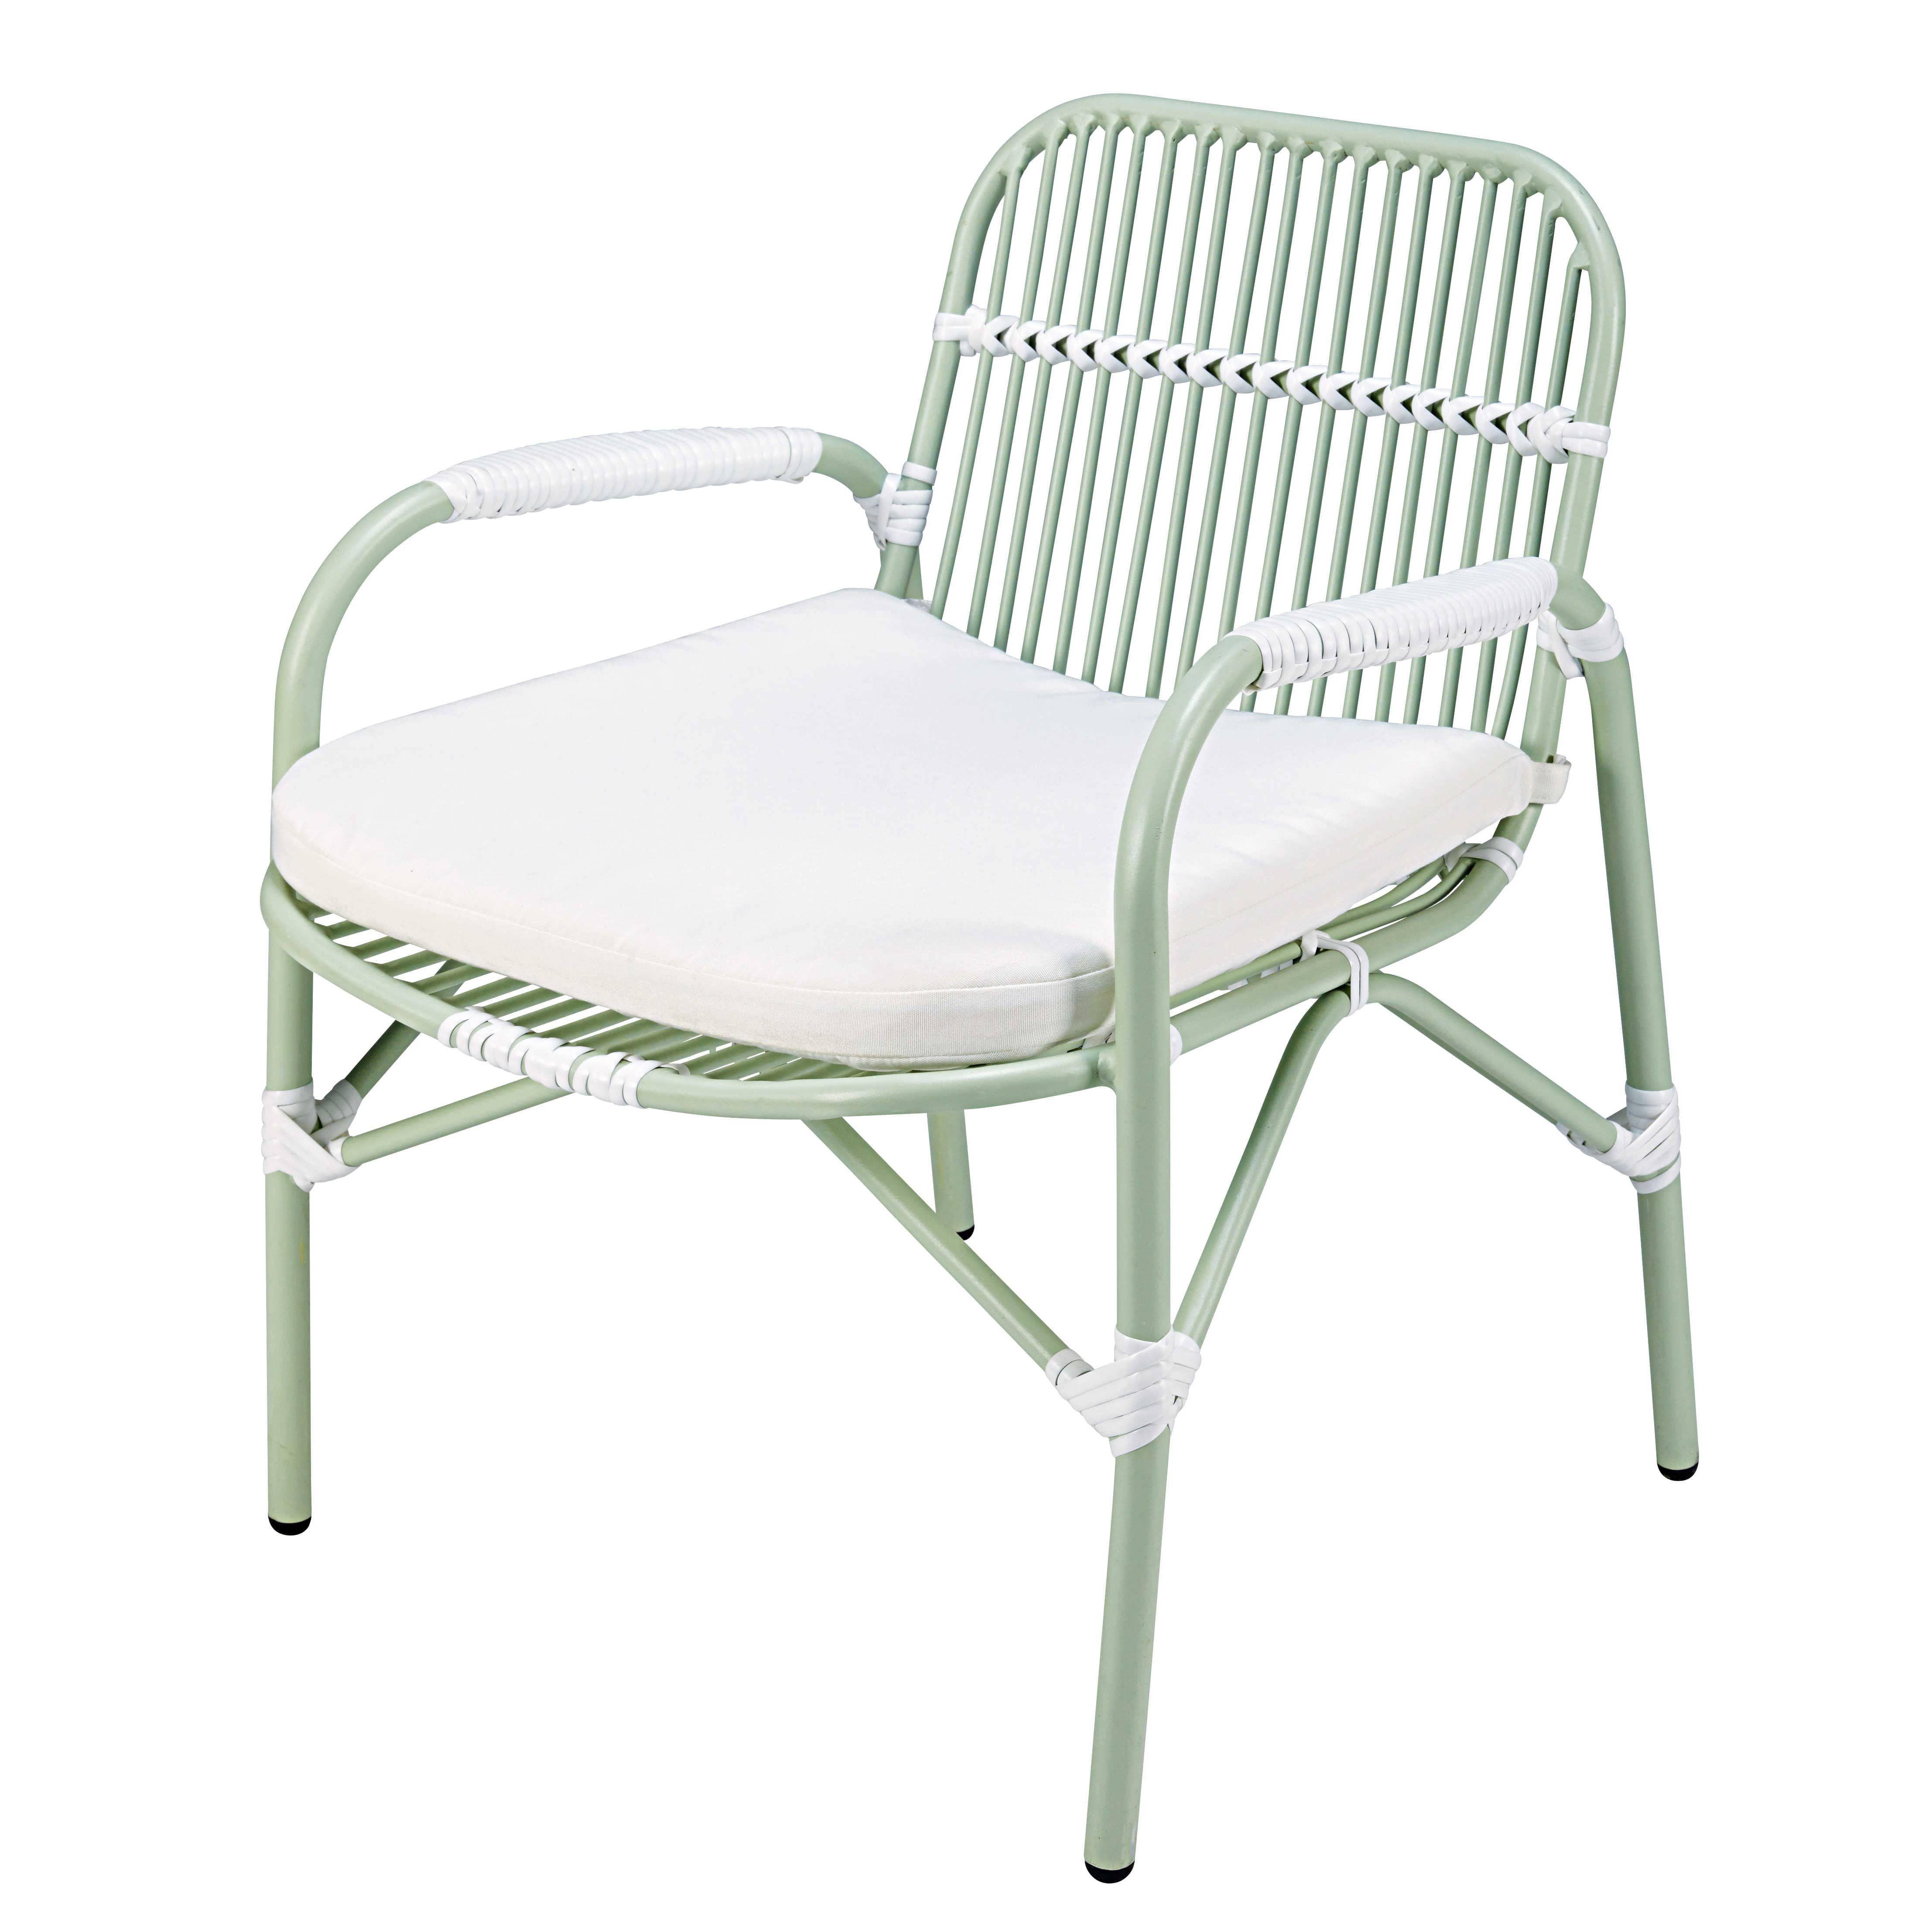 Gartensessel aus hellgrünem Aluminium mit weißem Kissen Jetzt bestellen unter